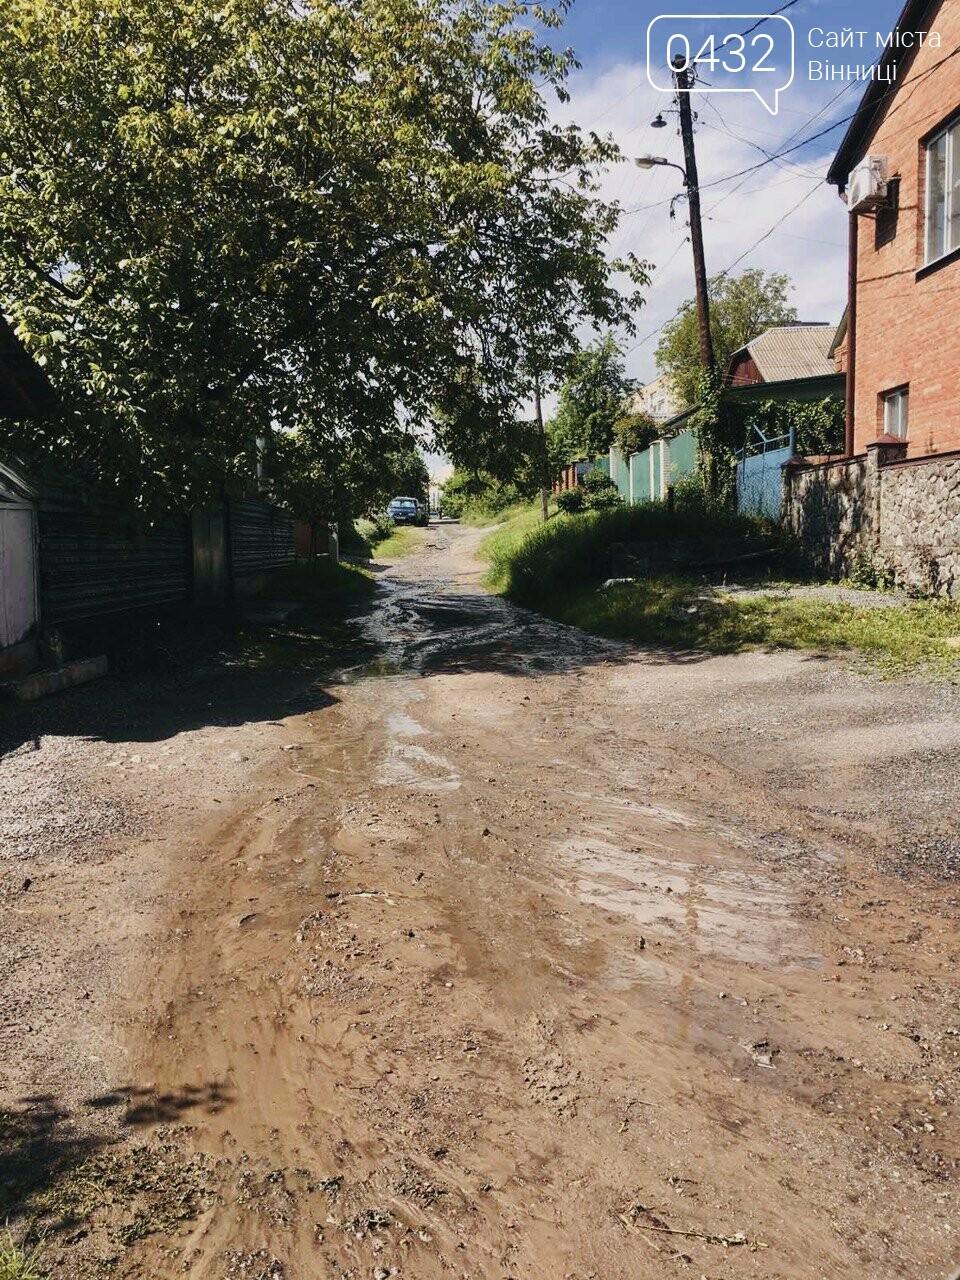 У Вінниці незабаром відкриють оновлені пляжі, фото-3